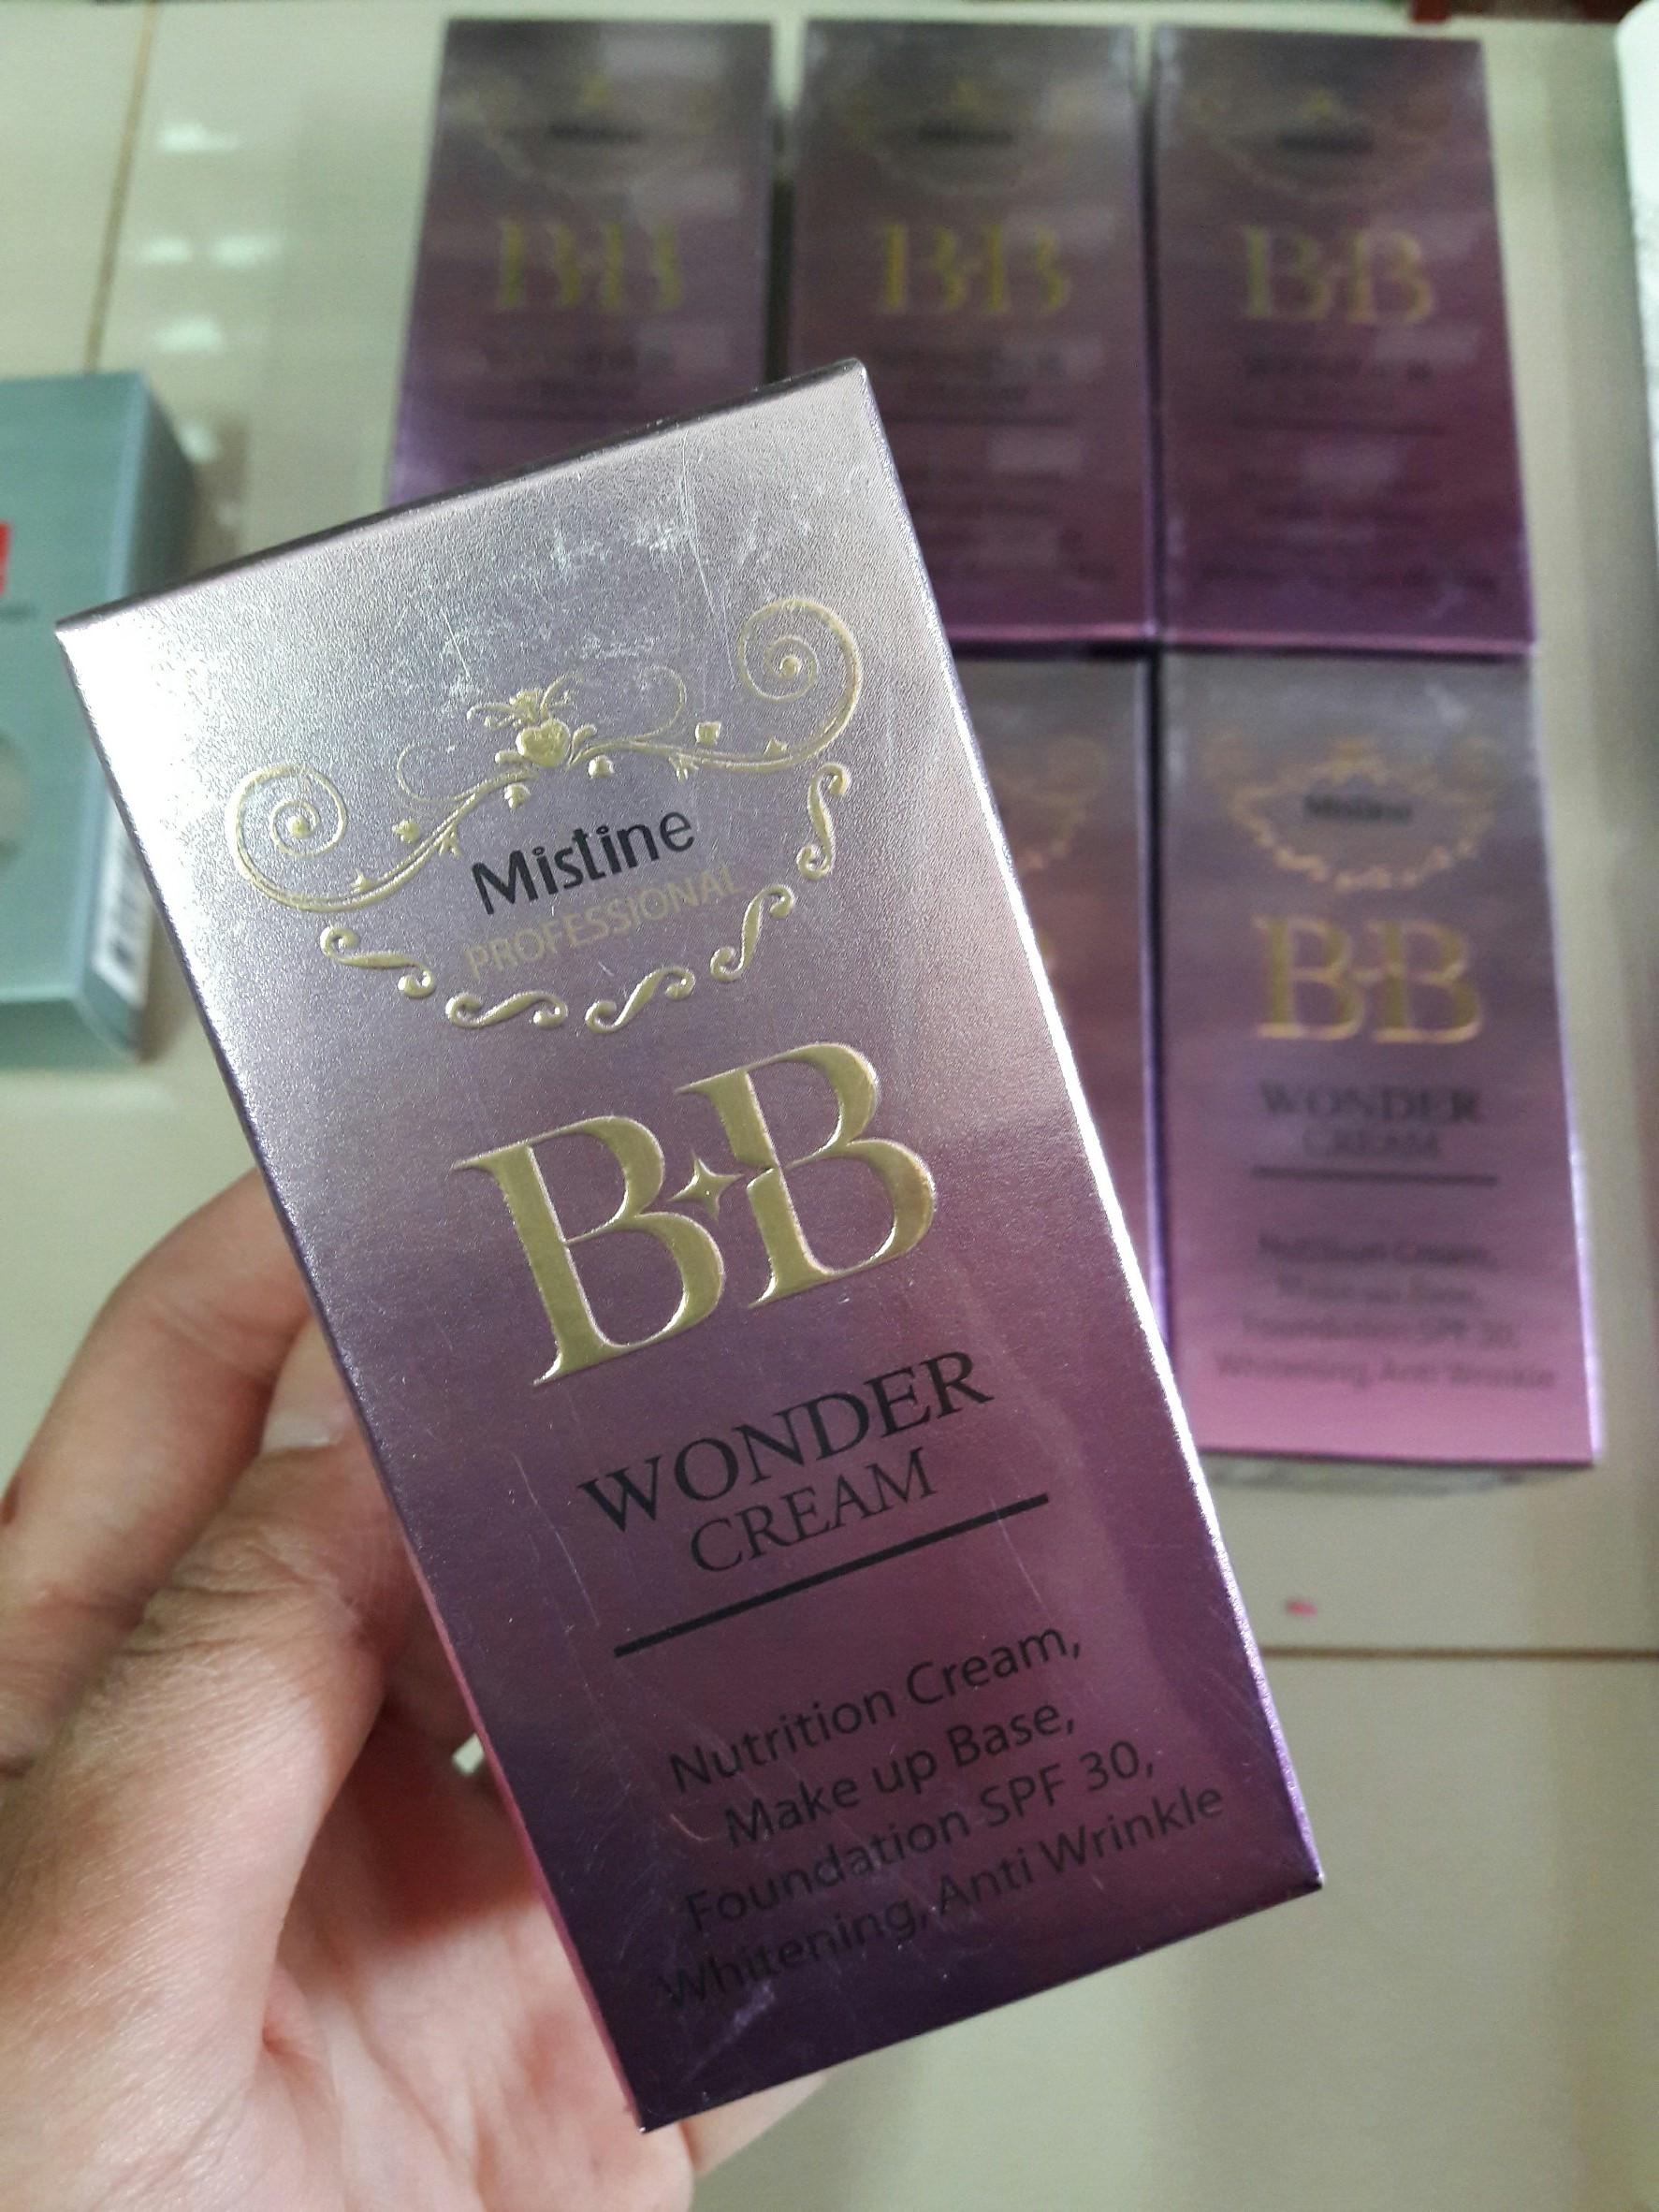 ขายส่ง Mistine BB Wonder Cream ครีมหน้าเนียน มิสทีน บีบี วันเดอร์ ครีม 7.5 กรัม